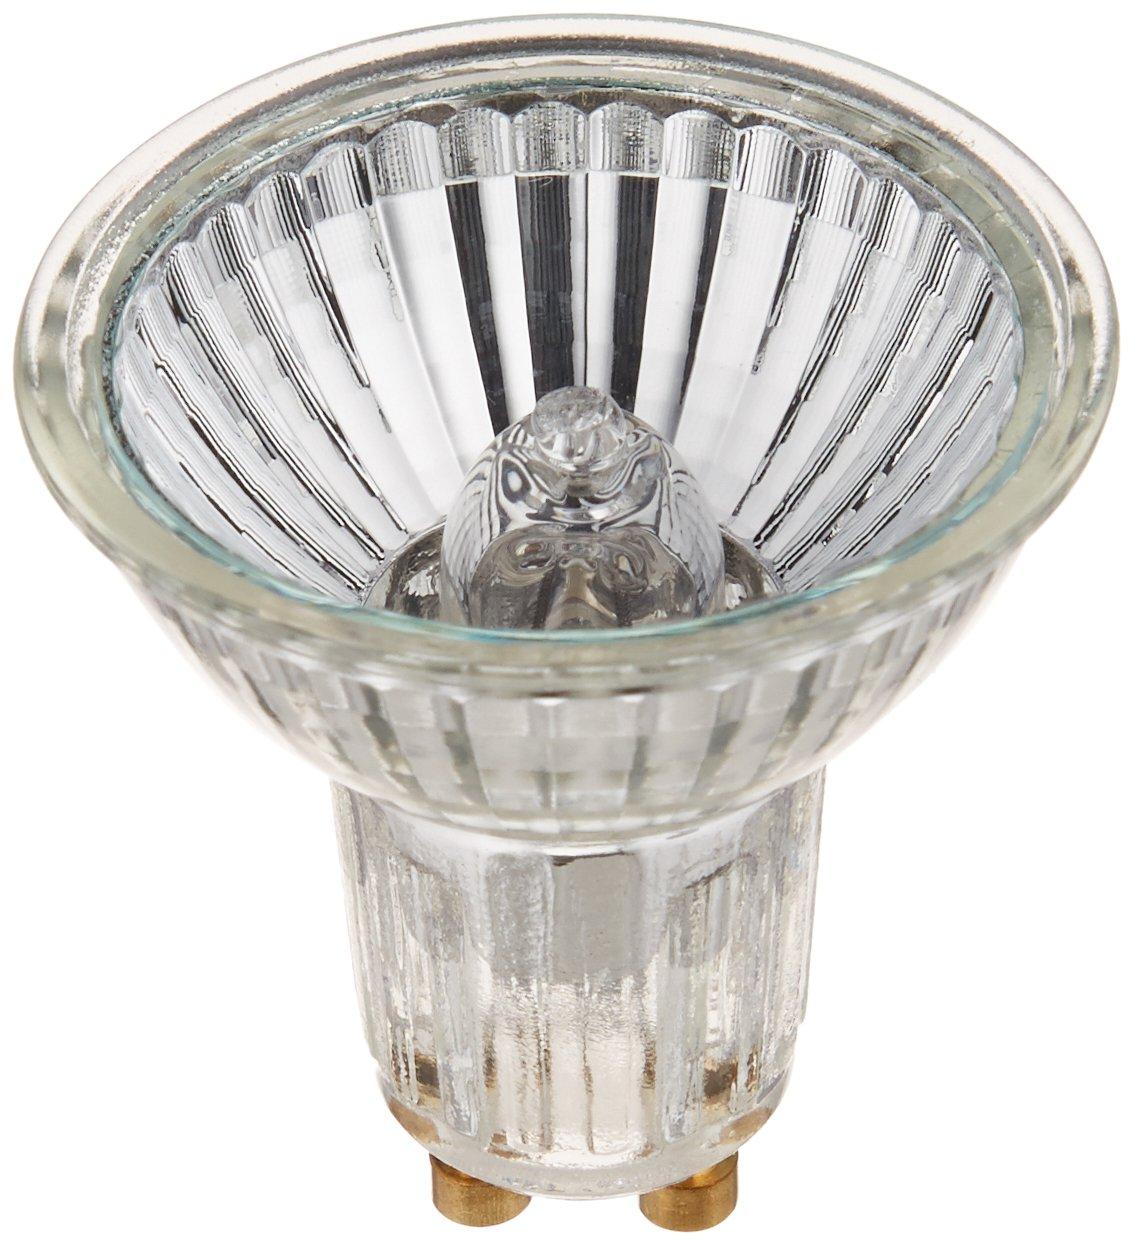 SYLVANIA Tungsten Halogen Lamp Capsylite PAR16 / Halogen Flood Light Dimmable / GU10 Base / 50 Watt / 2850K - warm white